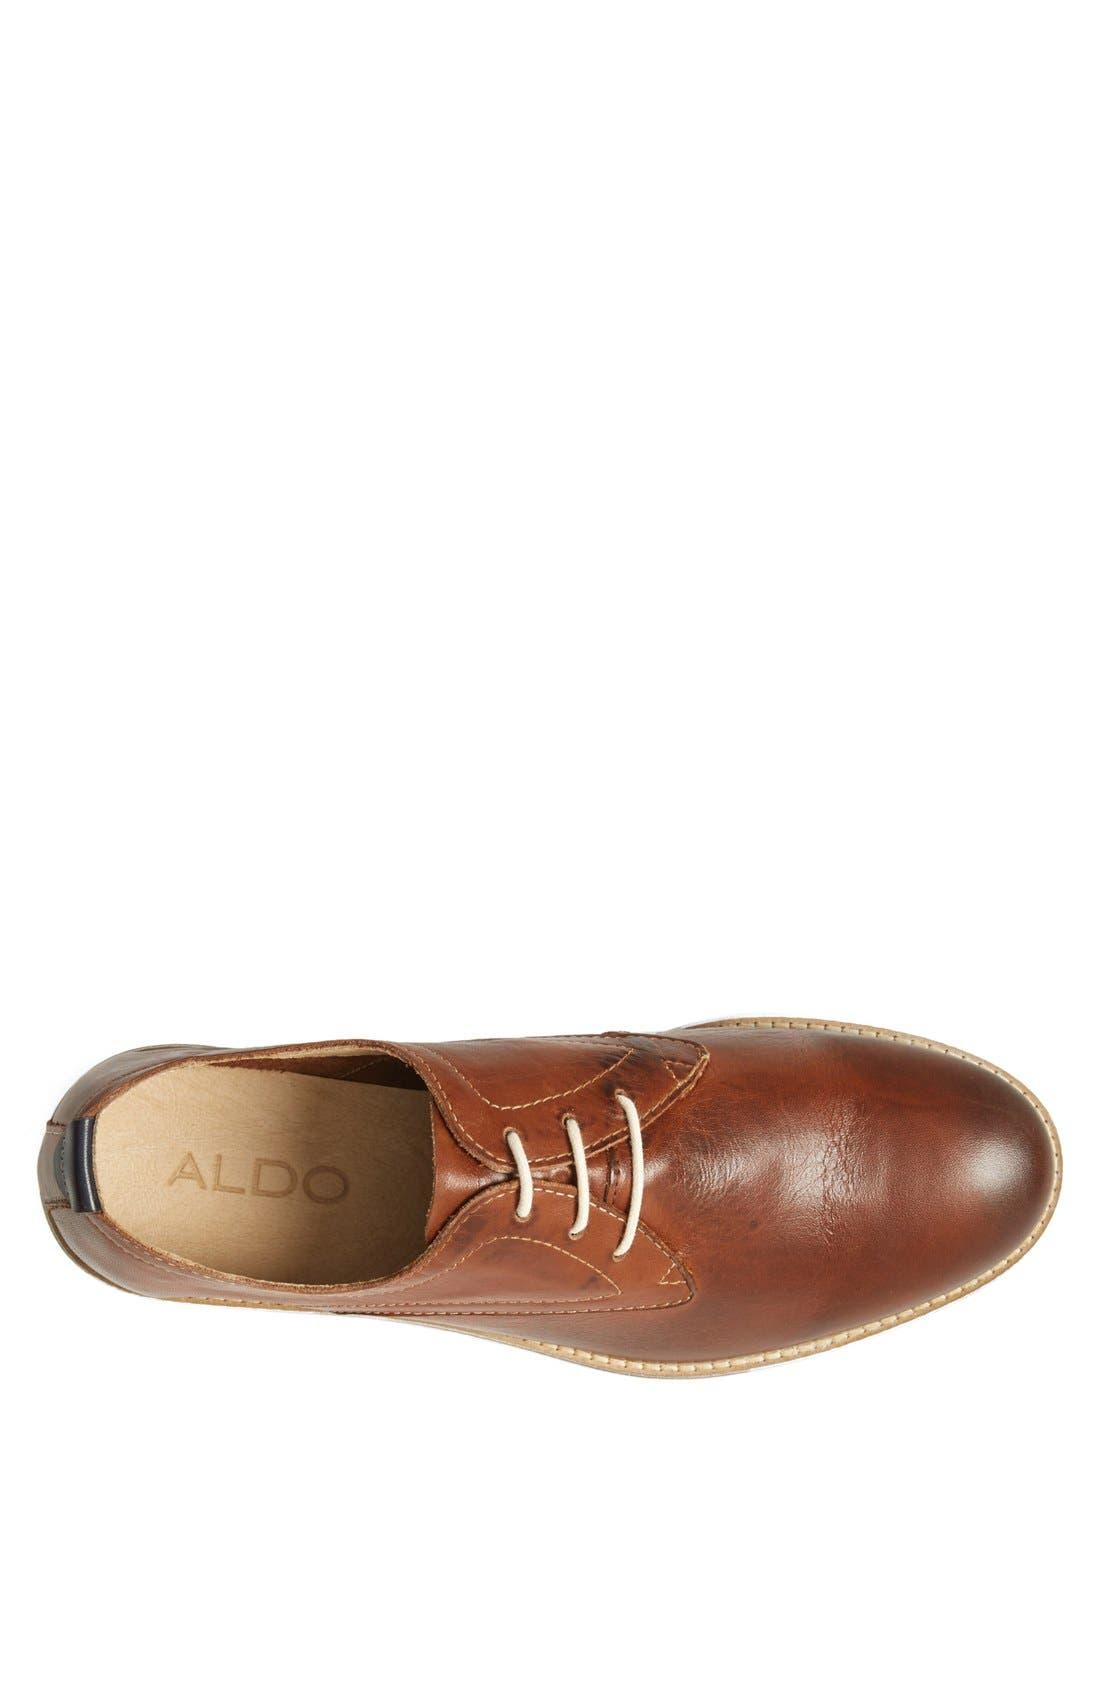 Alternate Image 3  - ALDO 'Bovell' Plain Toe Derby (Men)